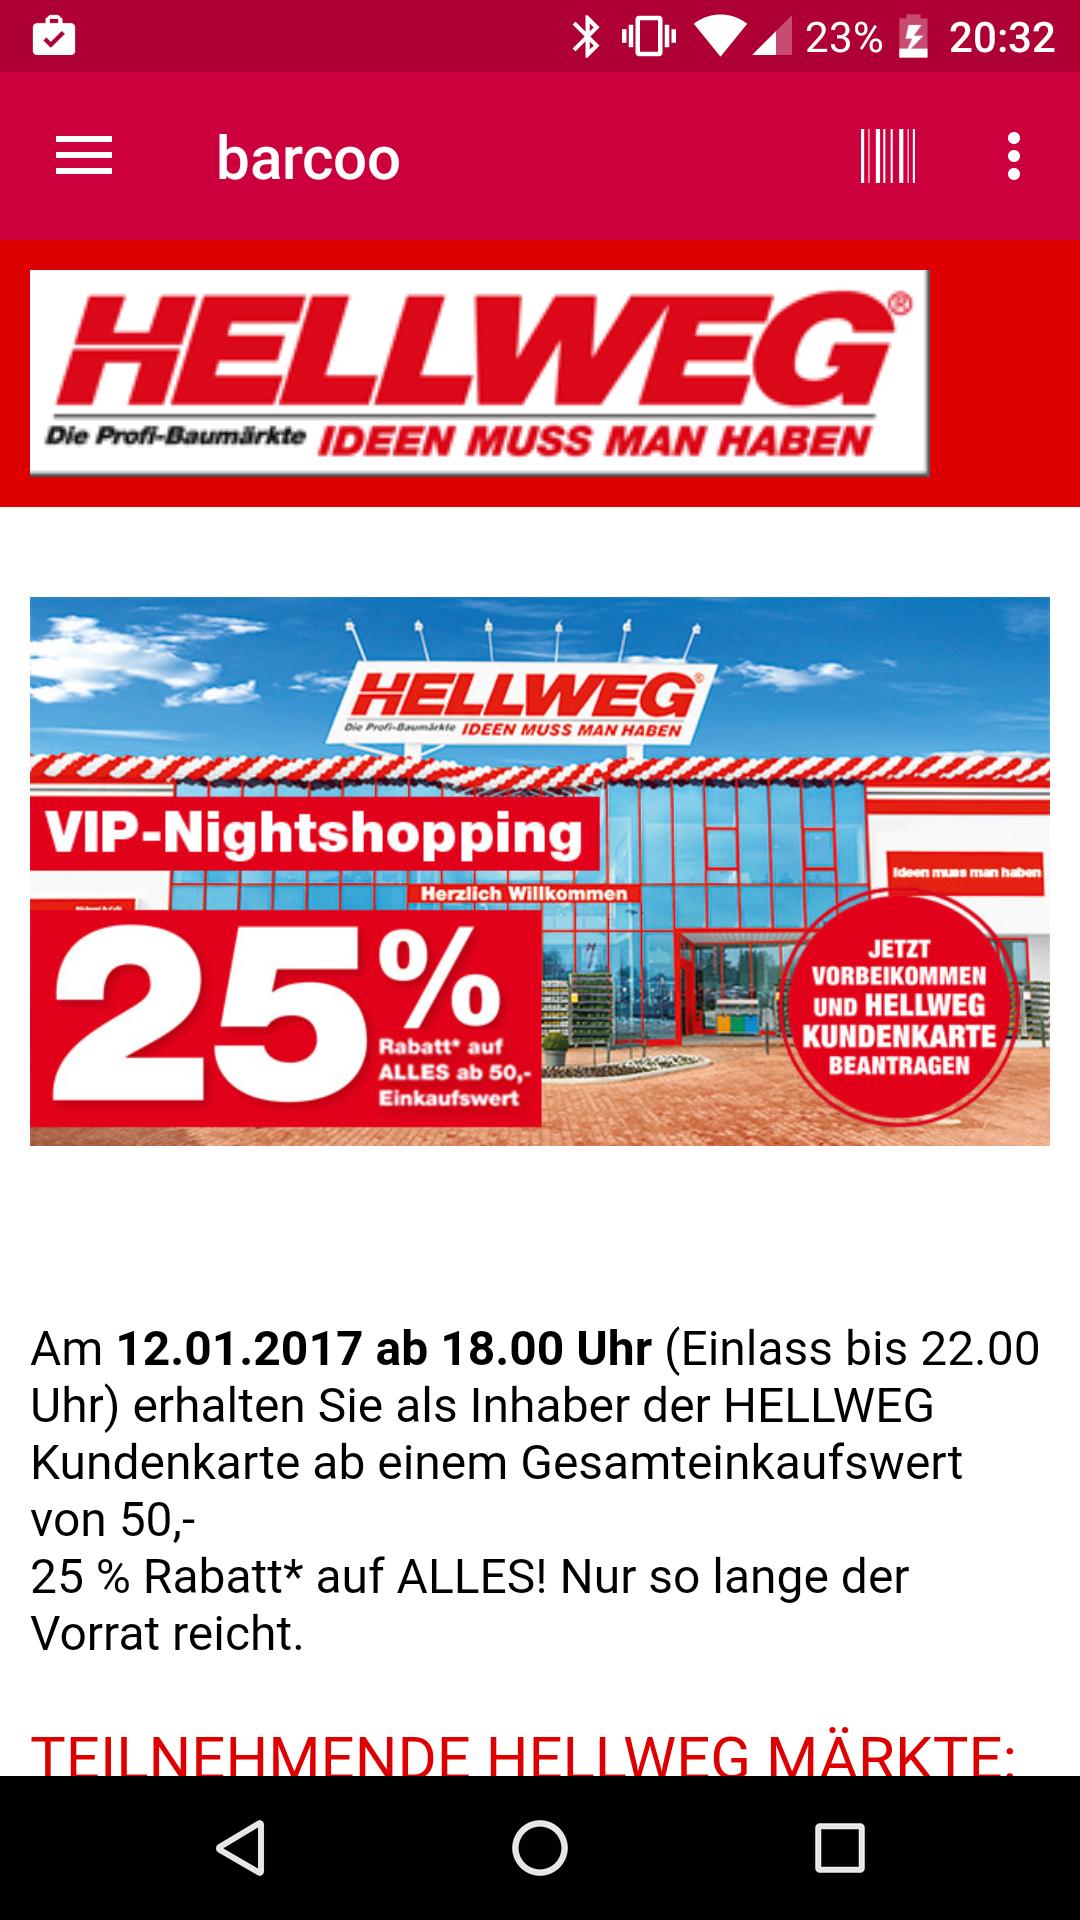 [Berlin und online] 25% Auf Alles bei Hellweg mit Kundenkarte